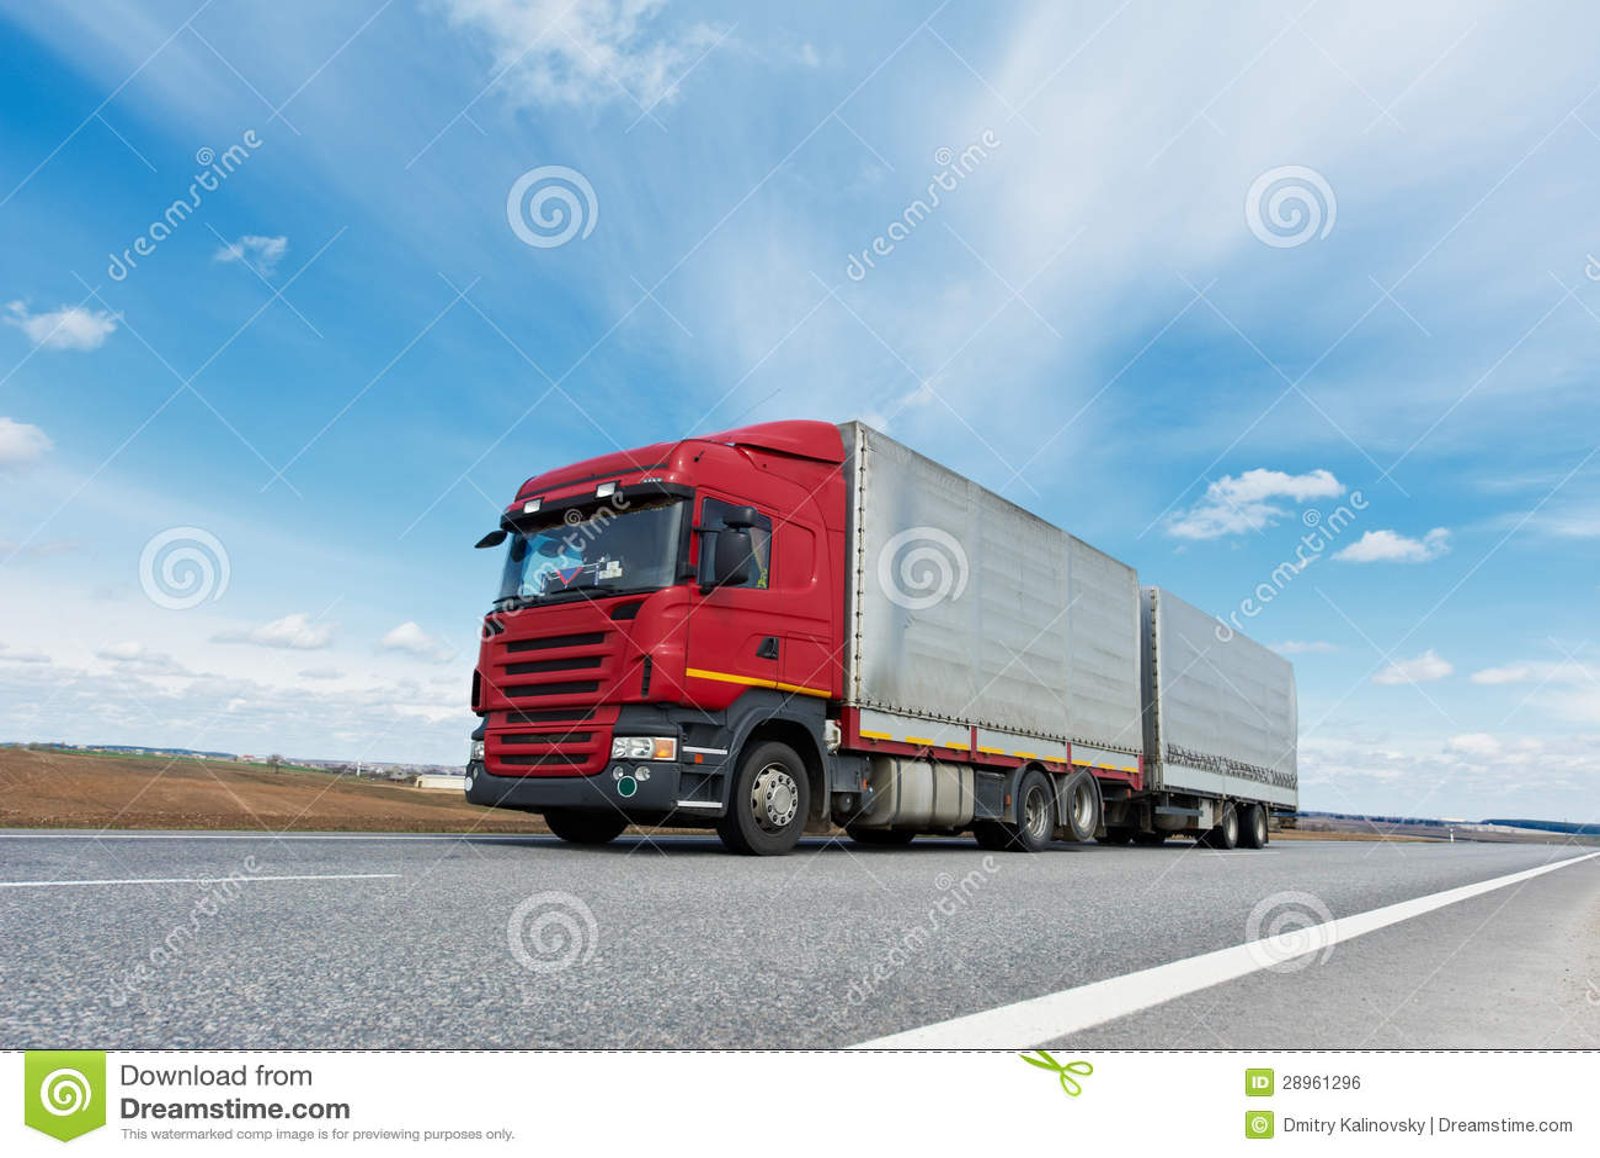 Czerwona ciężarówka z popielatą przyczepą nad niebieskim niebem